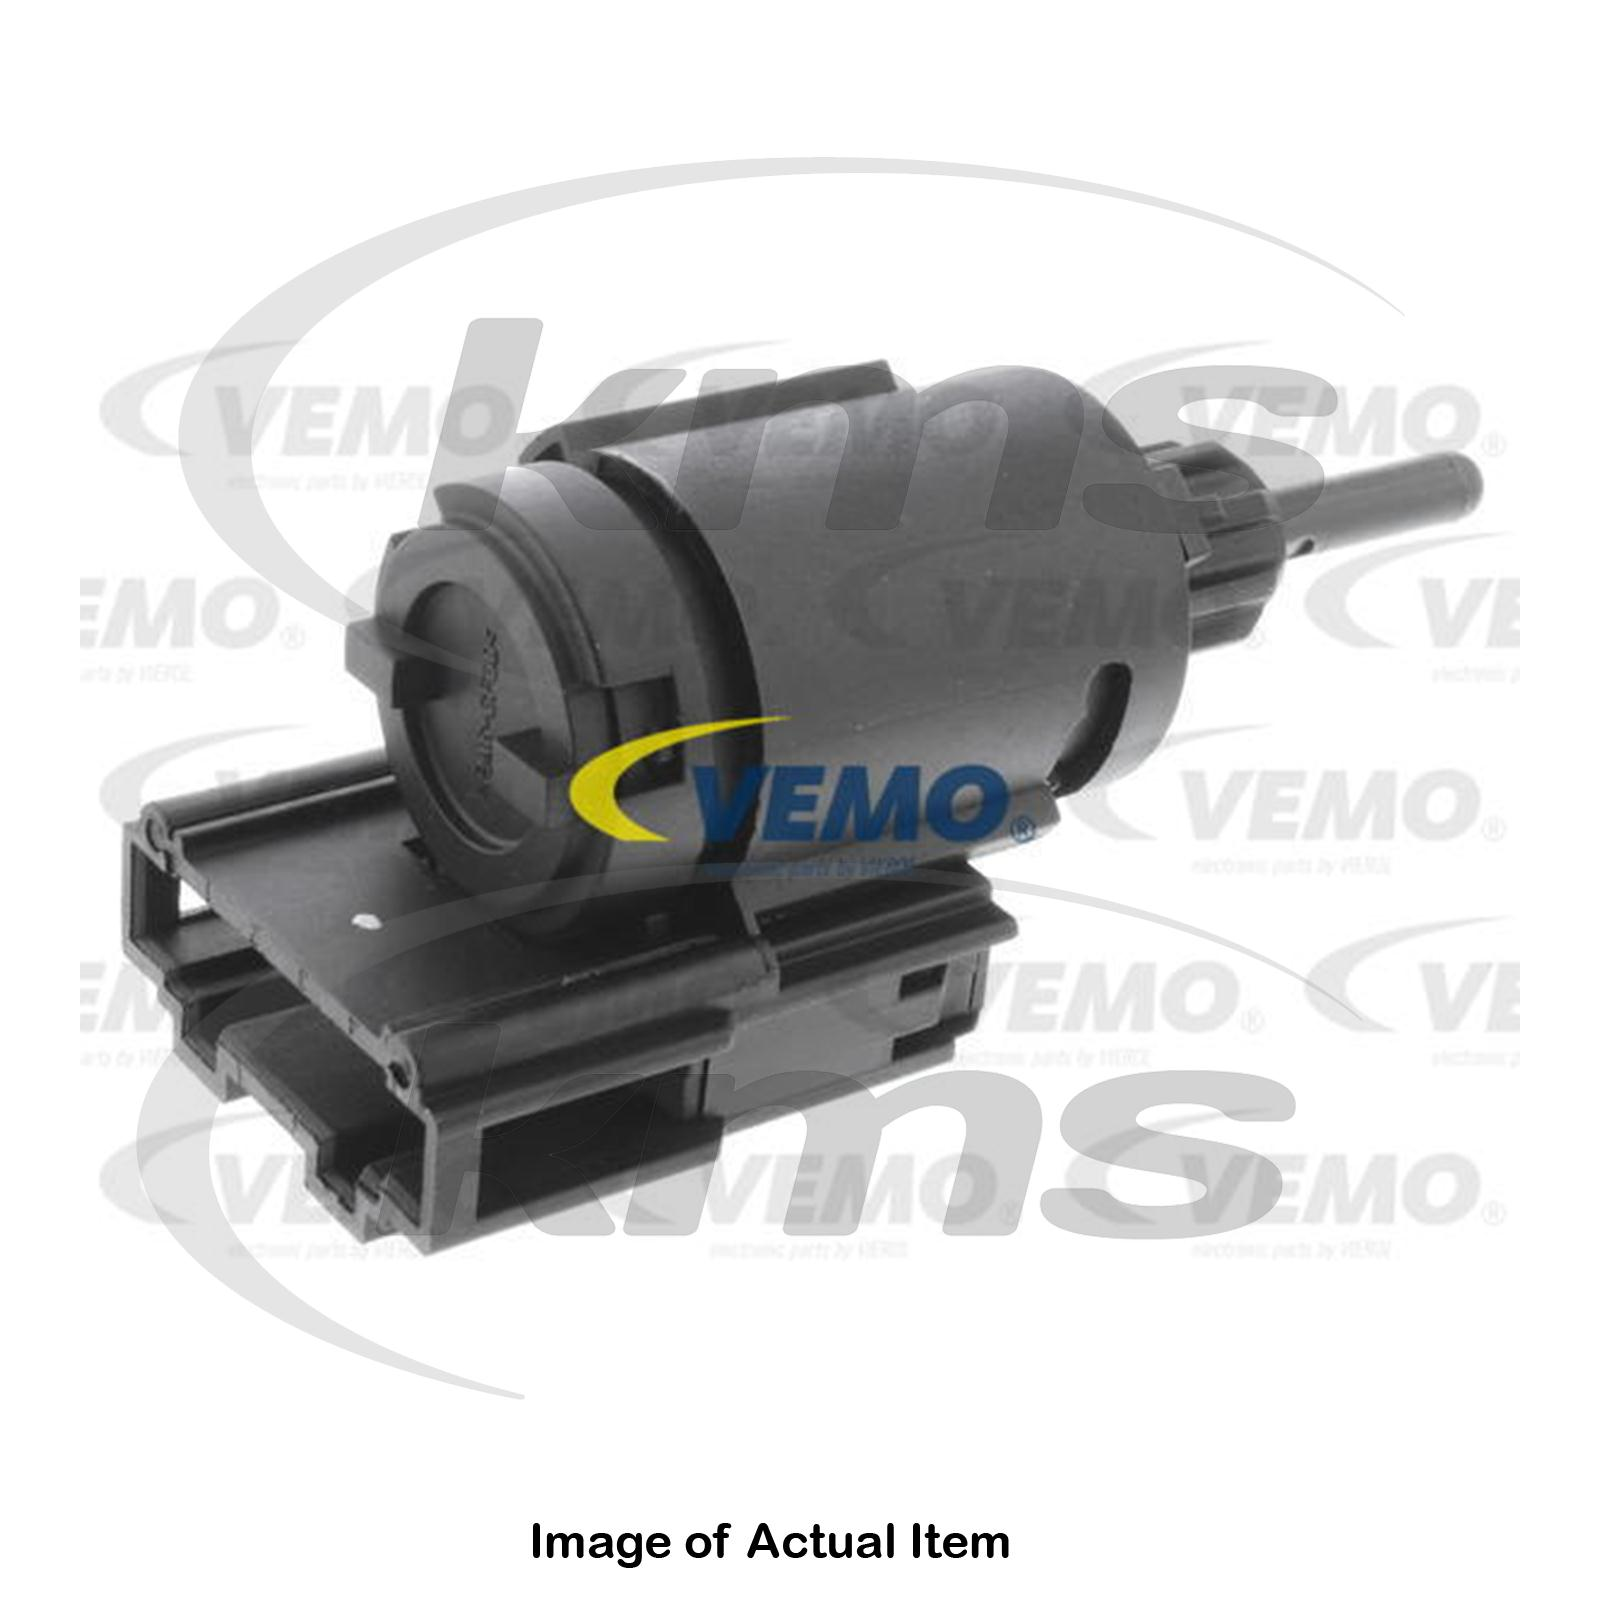 New Brake Light Switch Era 330503 for Audi Volkswagen